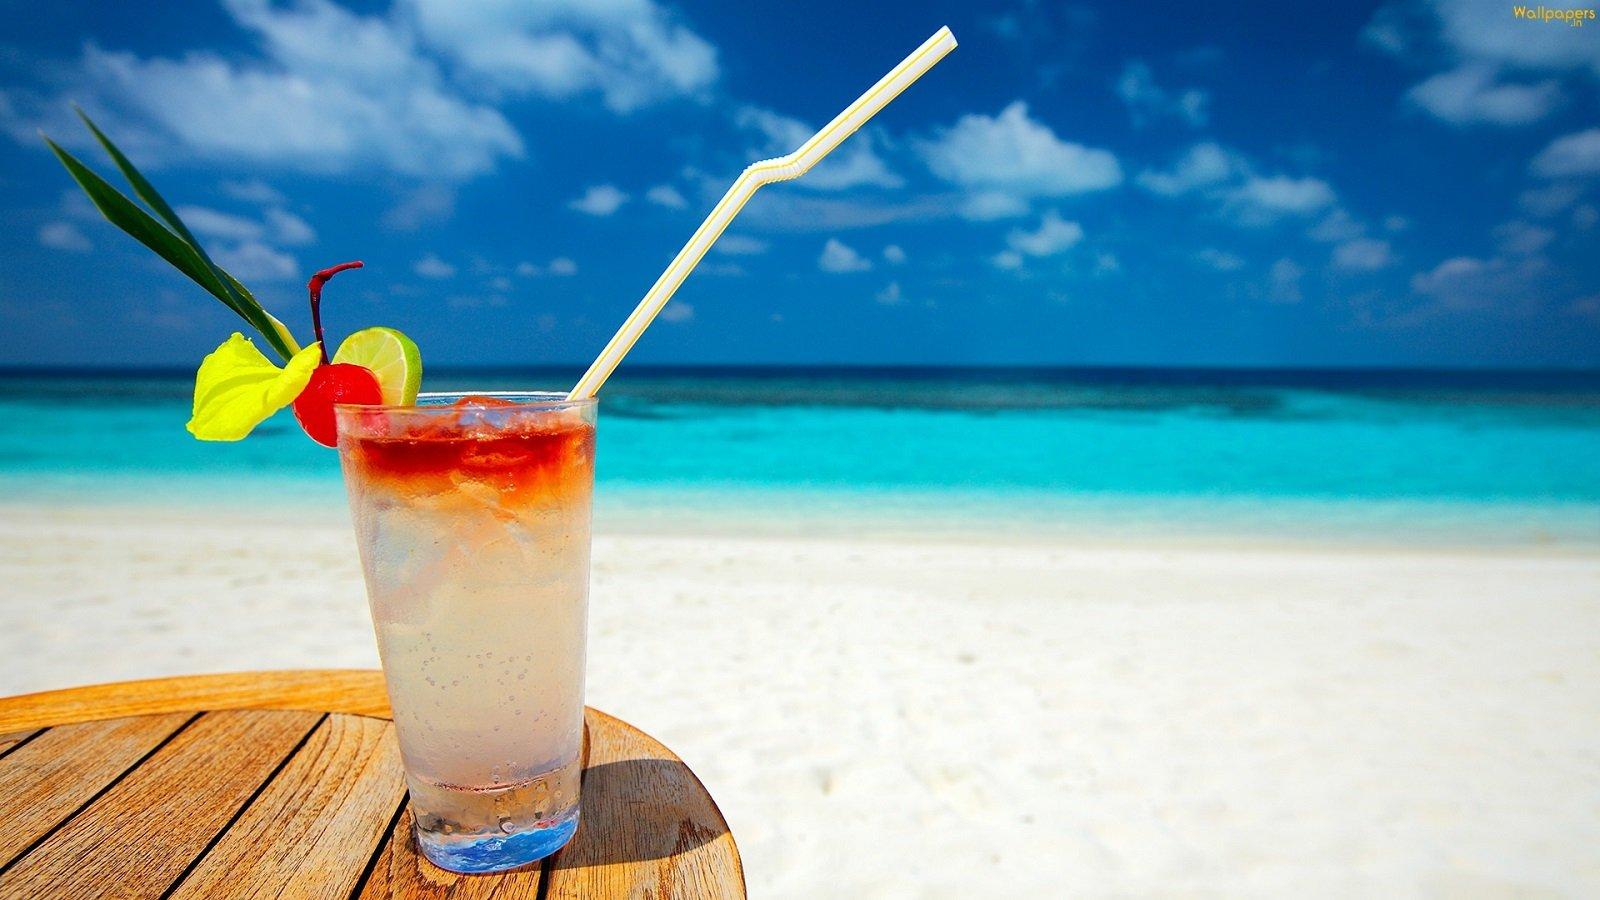 paesaggio di mare con primo piano di drink in un bicchiere con cannuccia